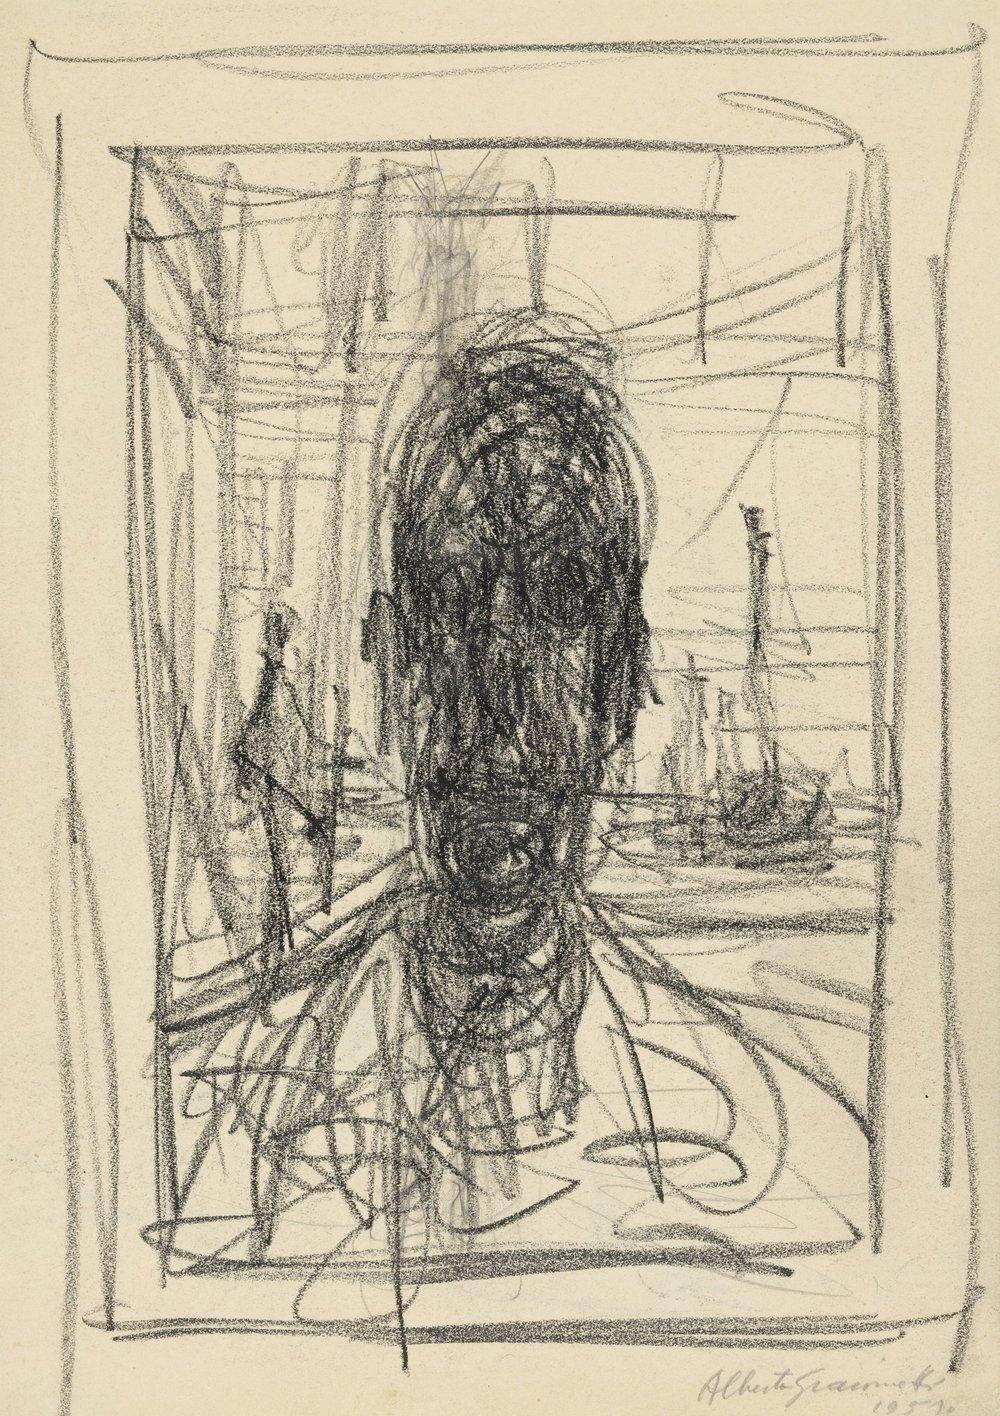 Alberto Giacometti Portrait - 1951